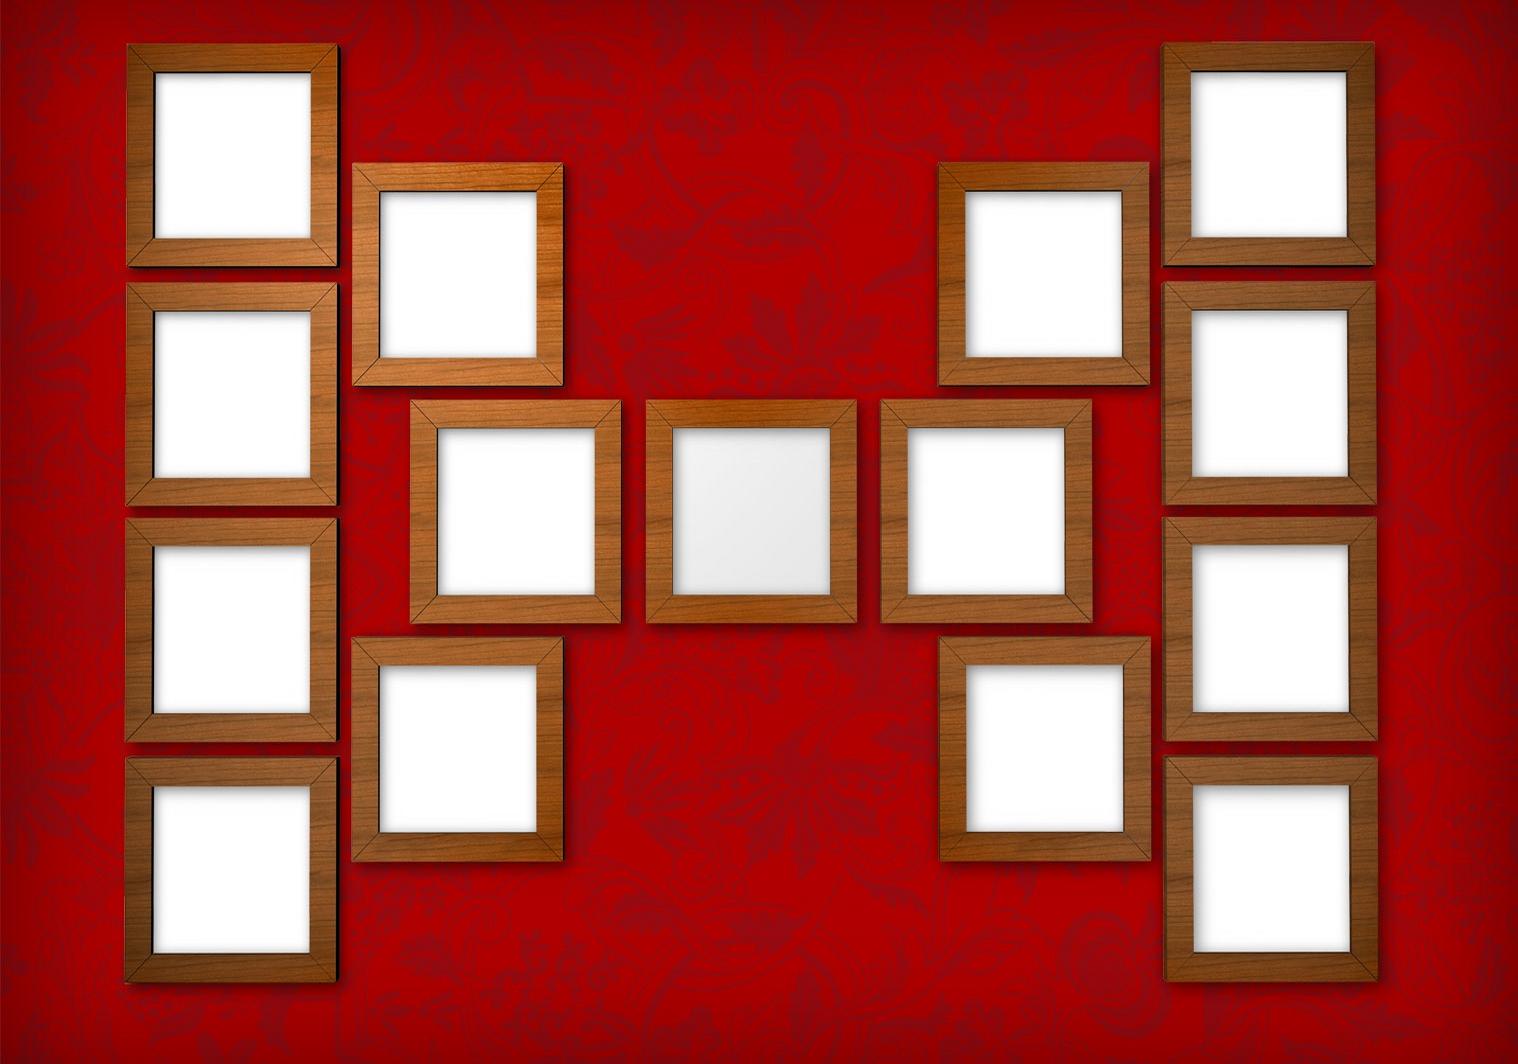 Arbre illustré 4 générations Galerie